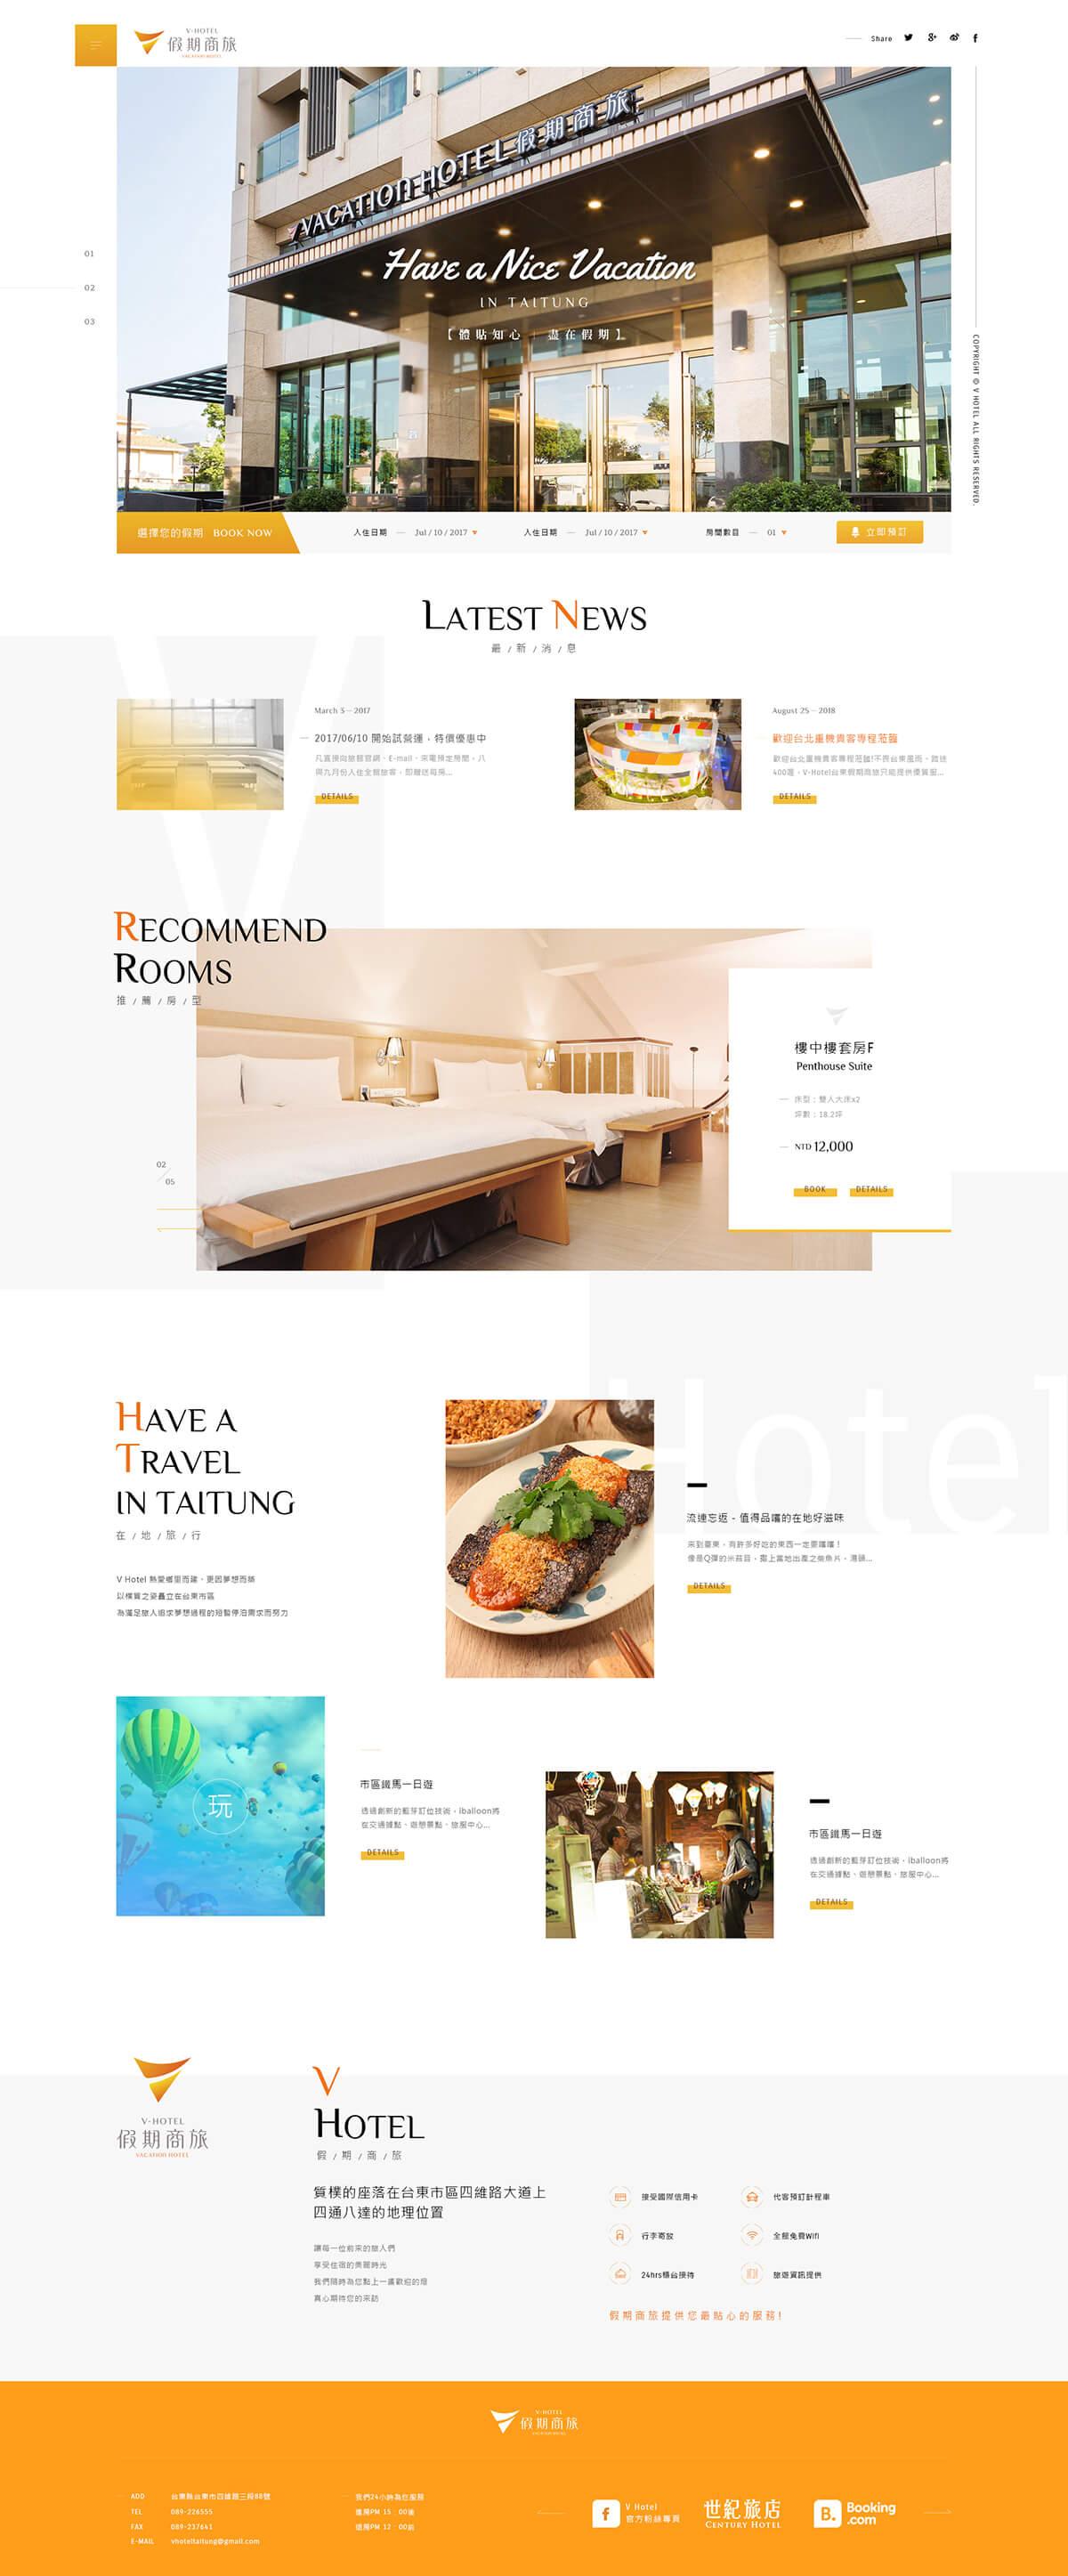 台東假期商旅-網頁設計